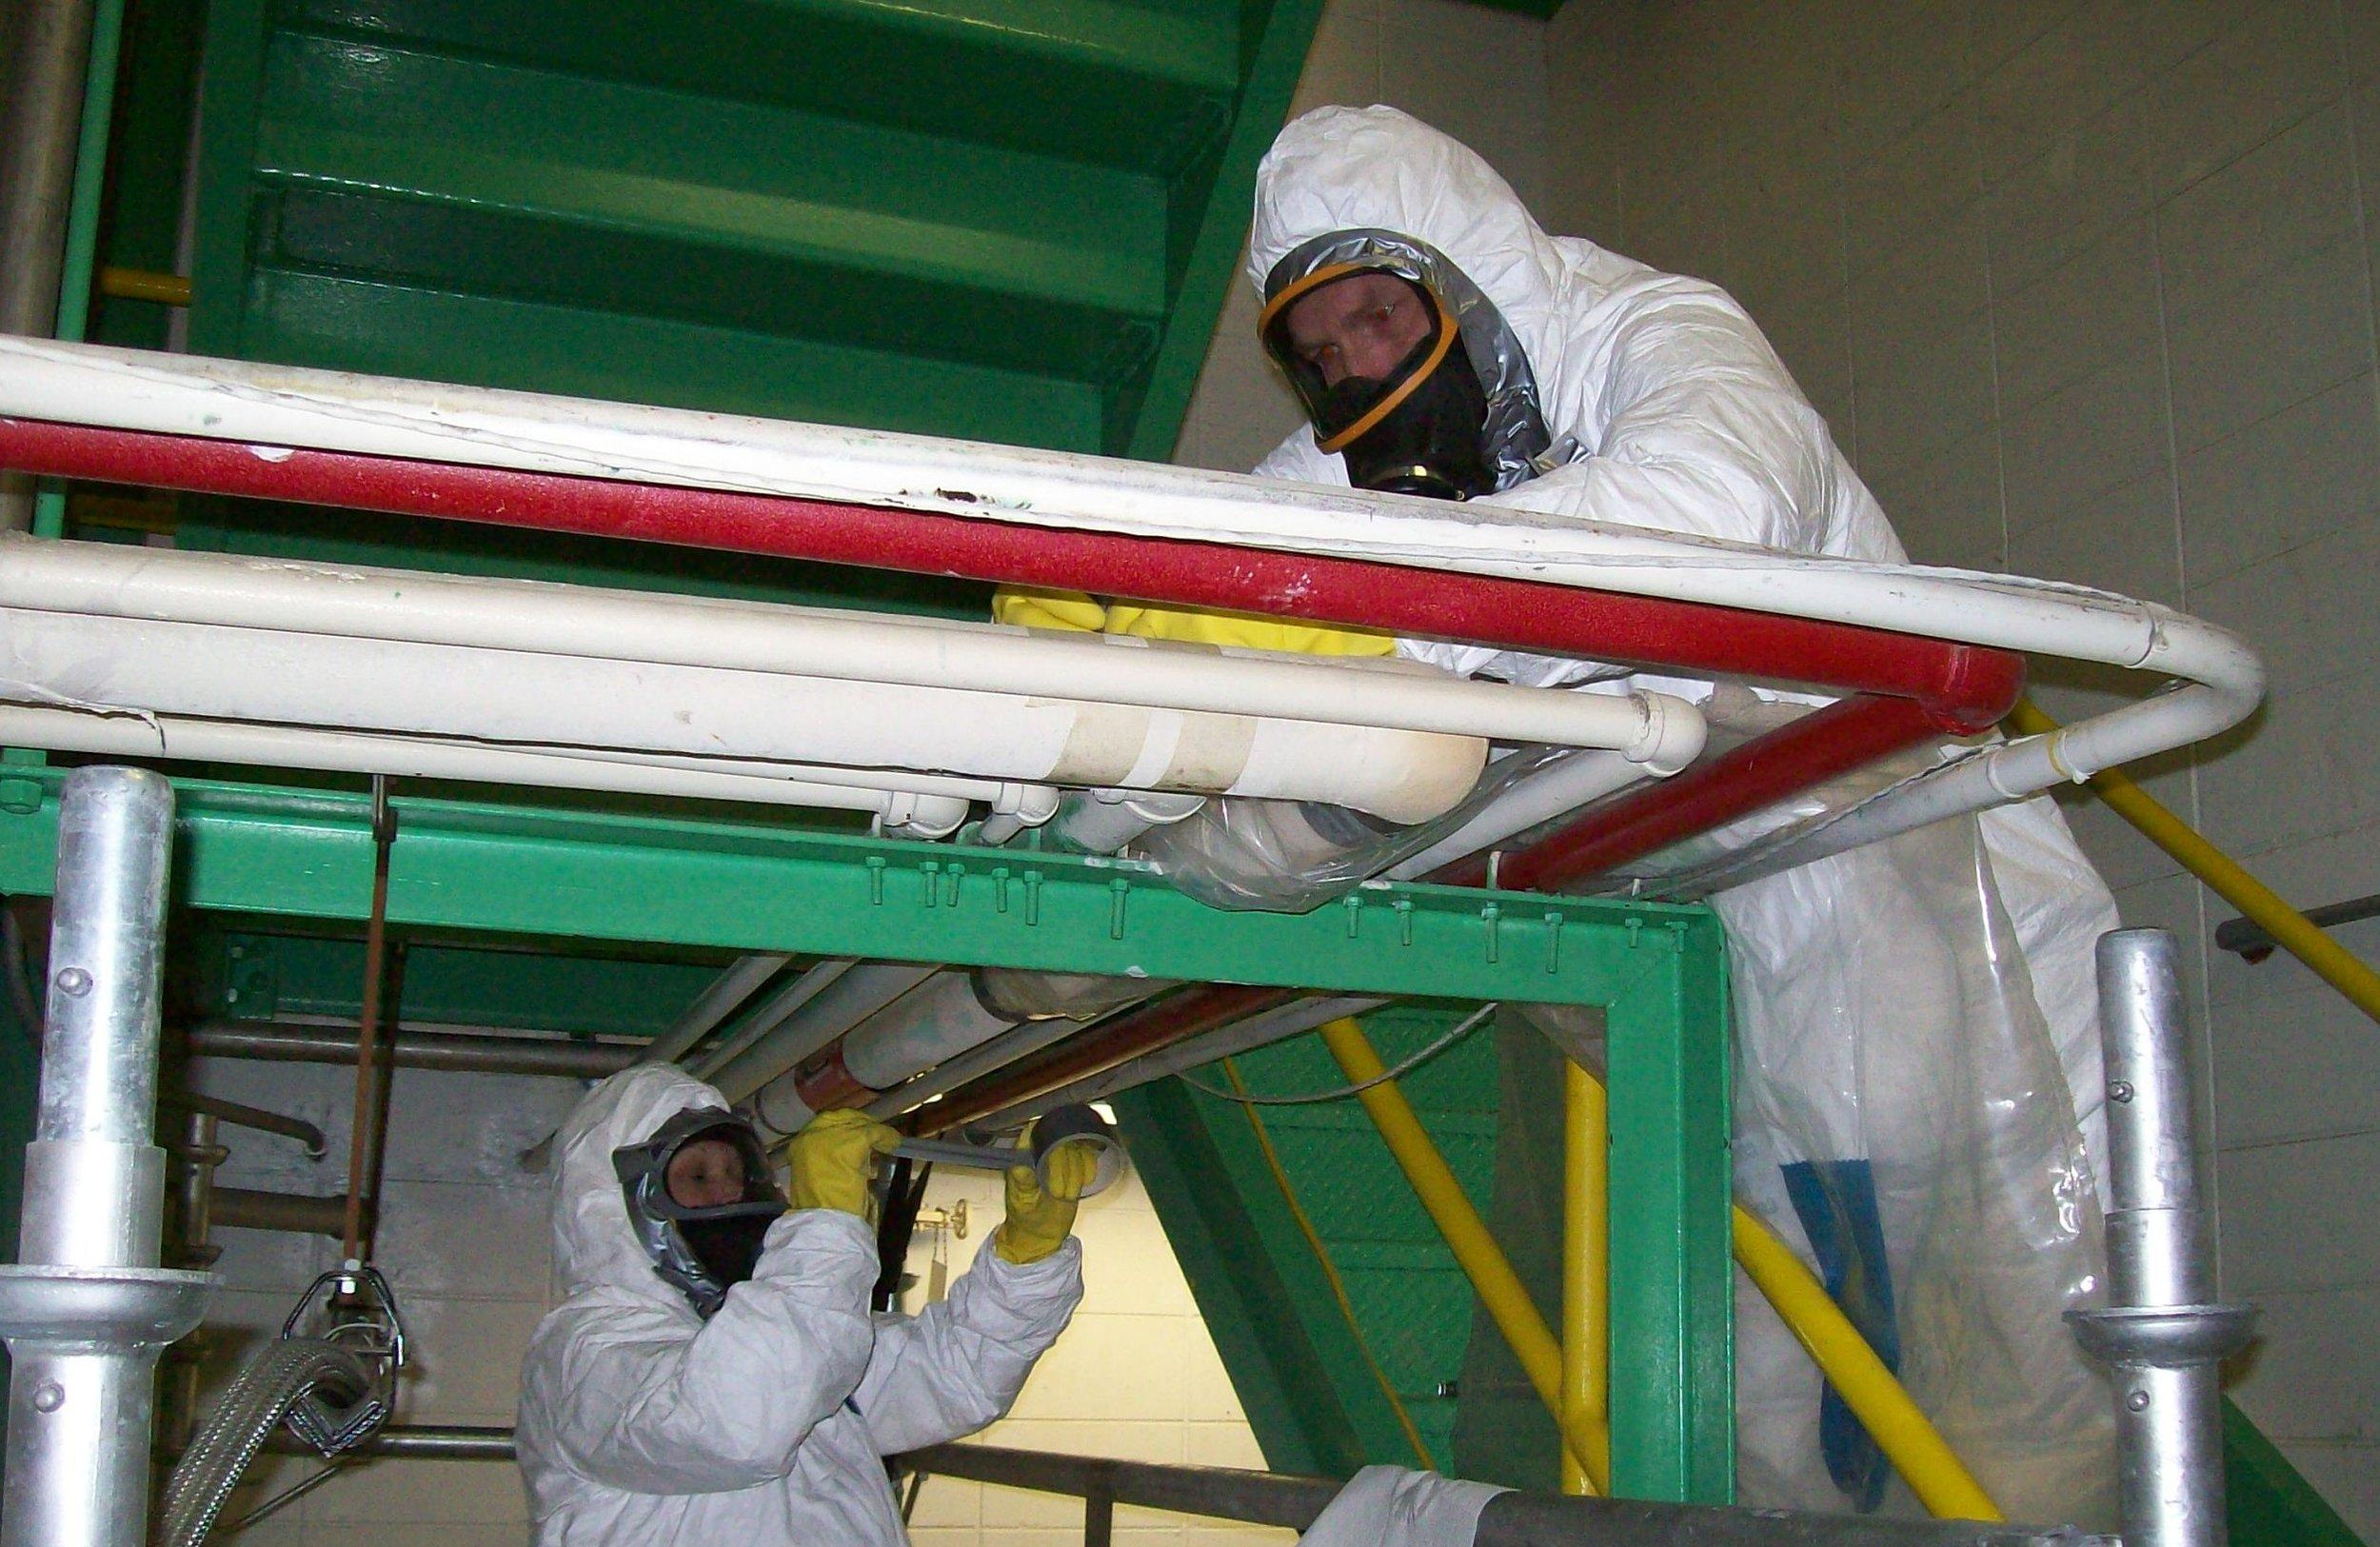 Workers_Complete_Asbestos_Removal.jpg